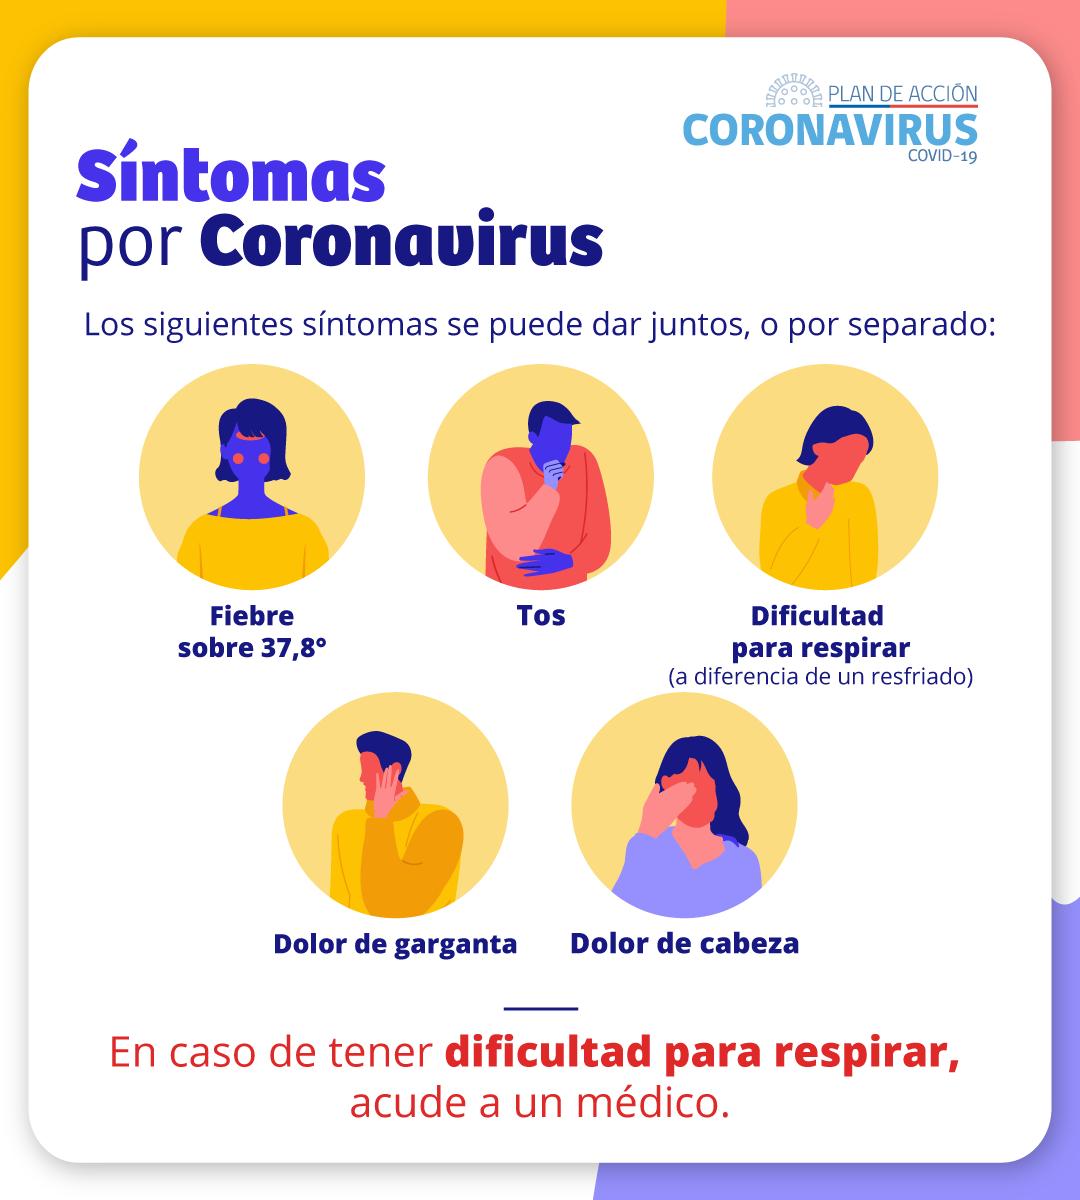 Sintomas Coronavirus: fiebre sobre 38 grados, tos y dificultad para respirar